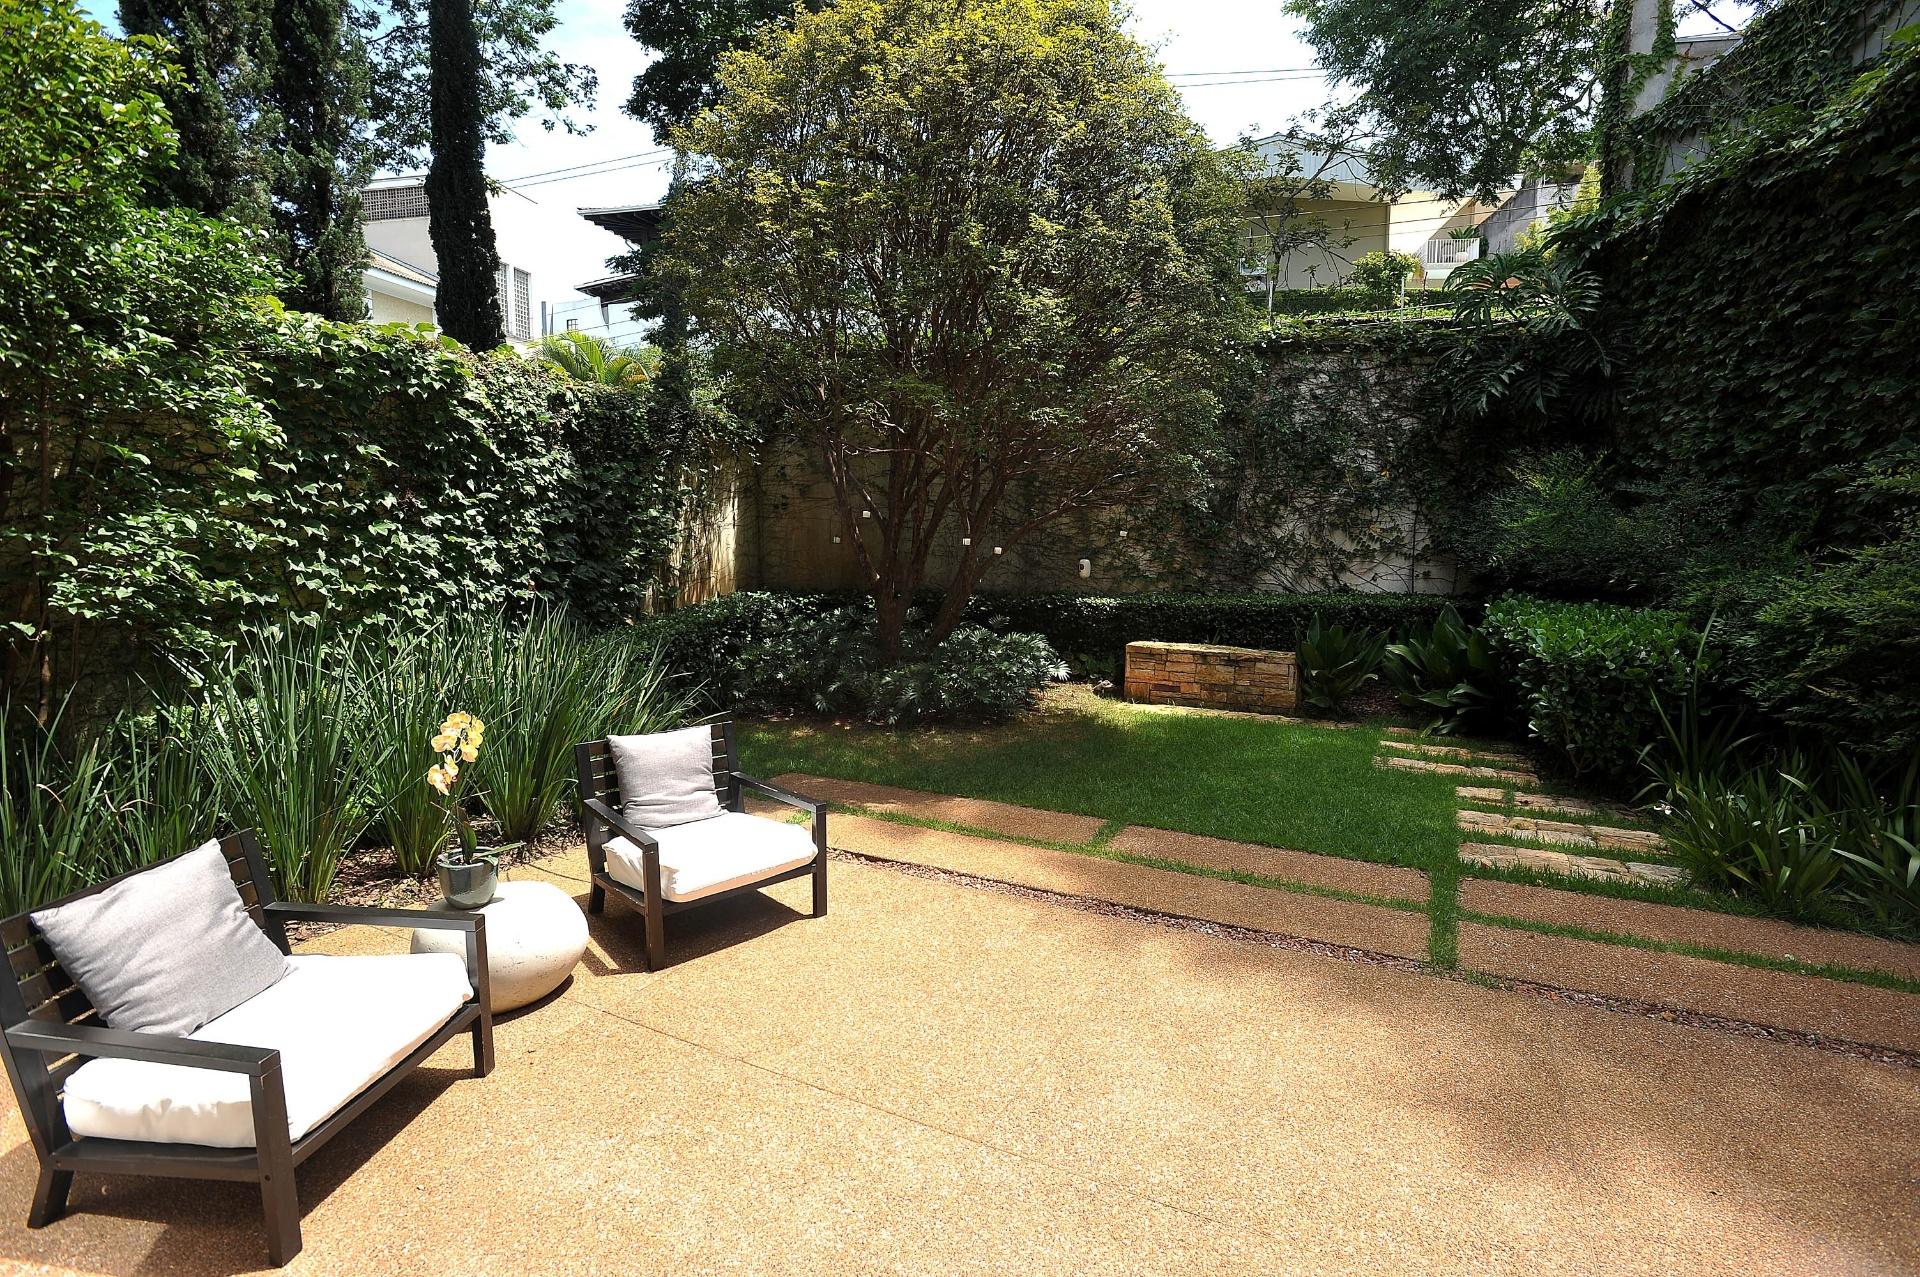 A paisagista Claudia Diamant determinou para o jardim de uma casa de vila, na zona sul de São Paulo, a criação de dois patamares. No nível principal mesclou espécies contemporâneas com algumas pré-existentes como a jabuticabeira e as nandinas (Nandina domestica) e criou uma área de descanso